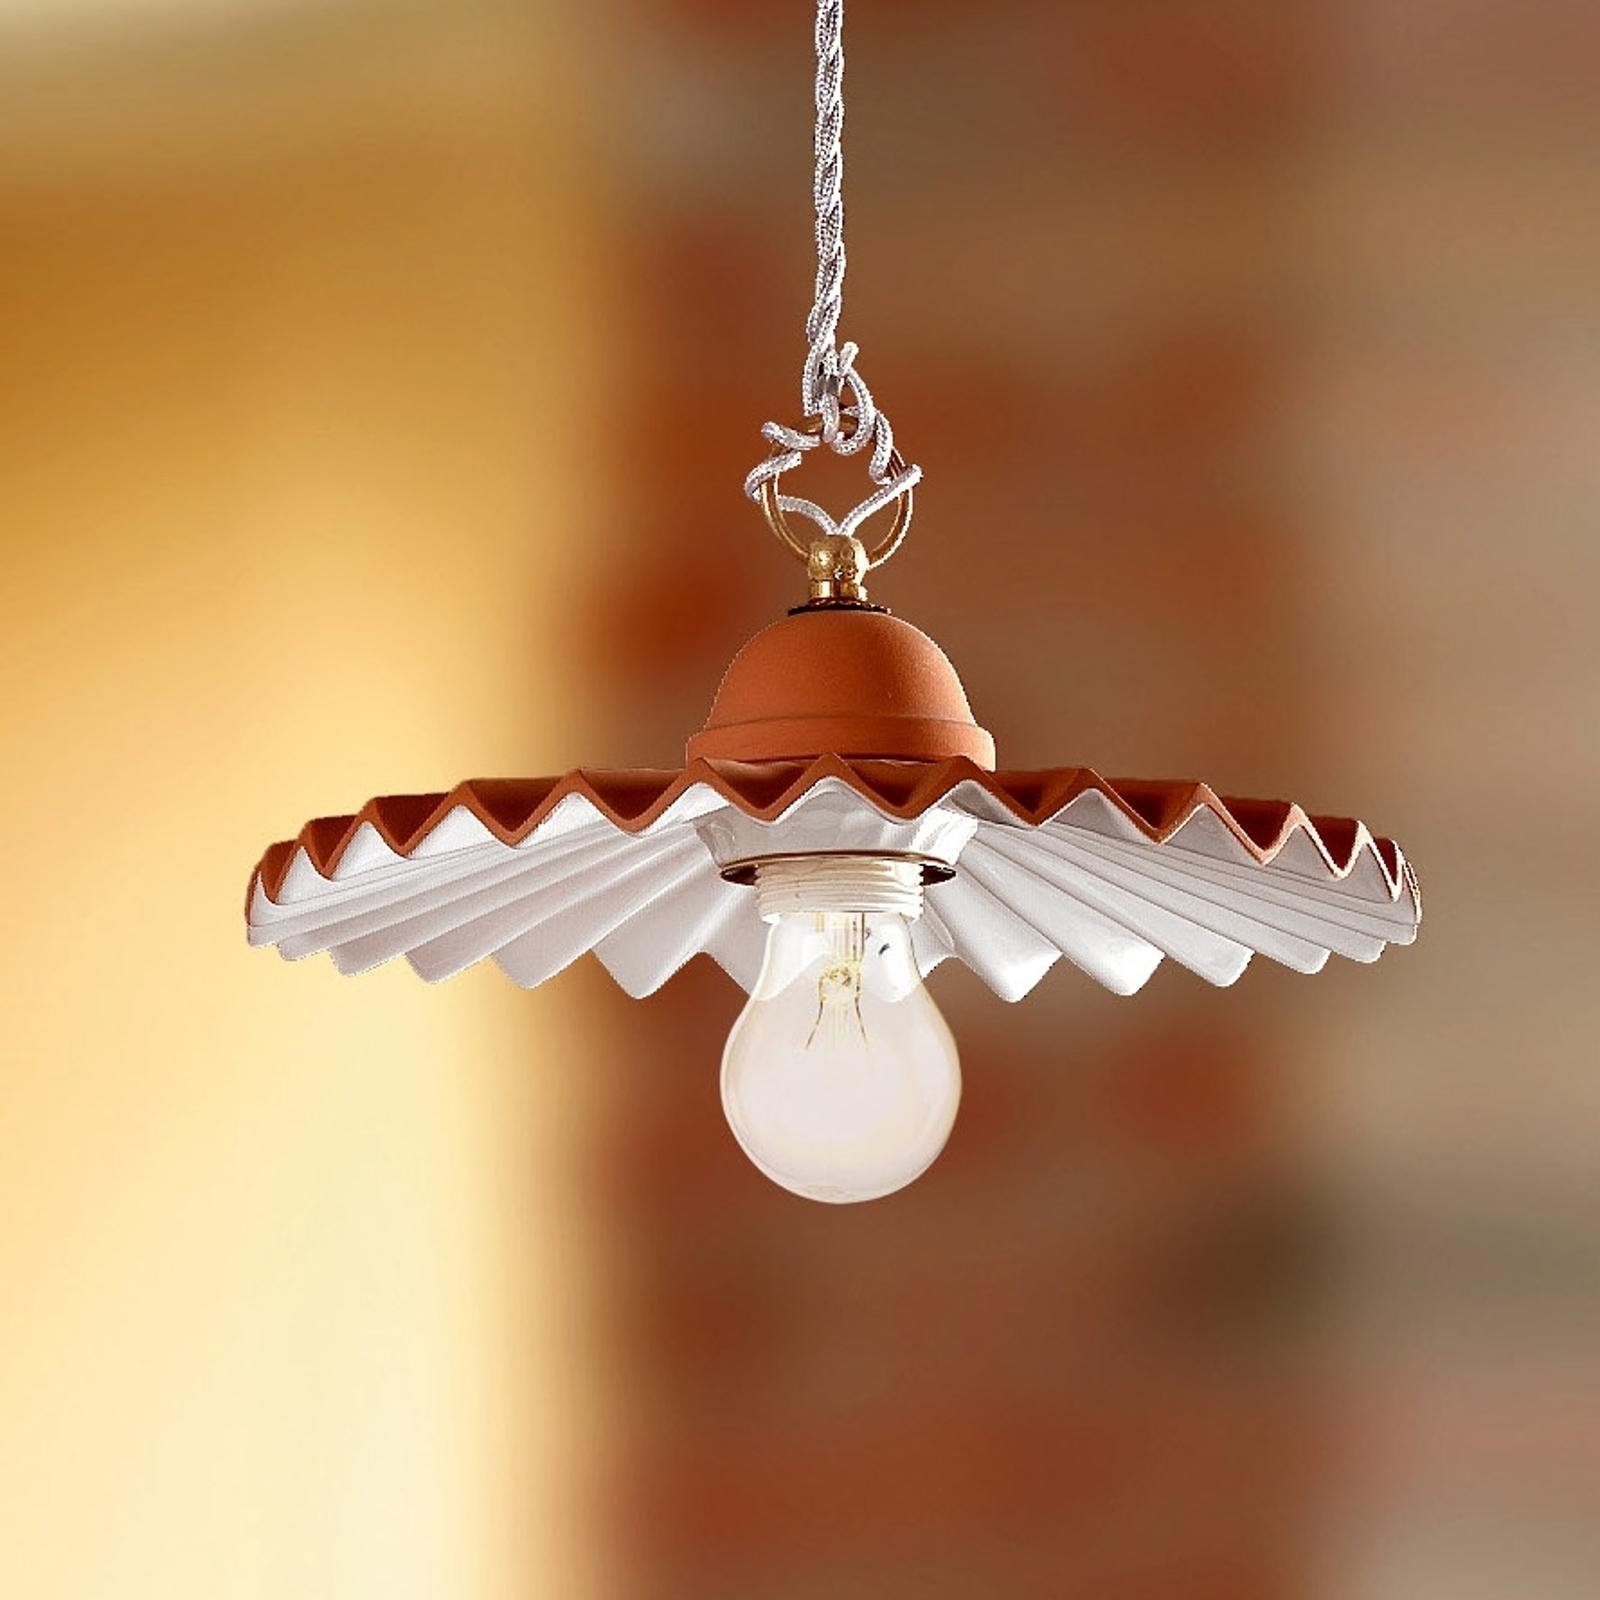 Hængelampe ARGILLA i landhusstil, 28 cm